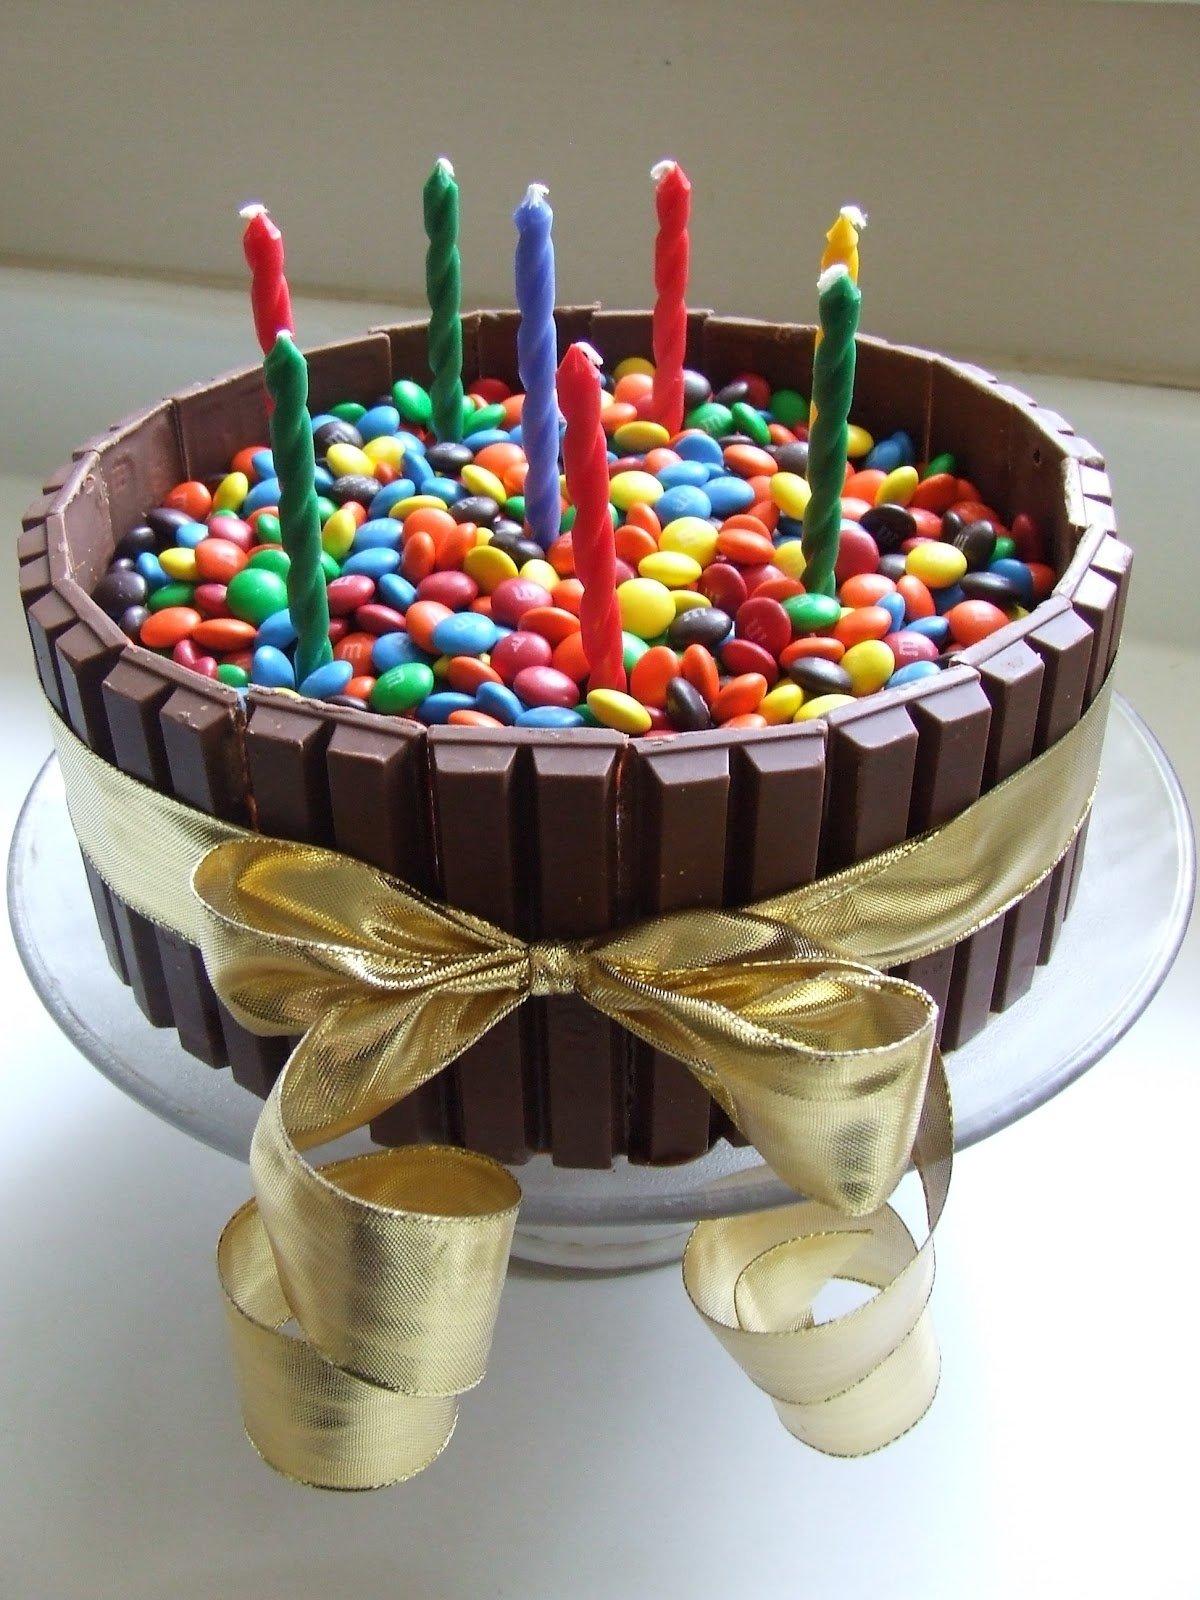 10 Stylish 14 Year Old Boy Birthday Party Ideas cake ideas for 15 year old boy 14 8 year old birthday cakes for boys 3